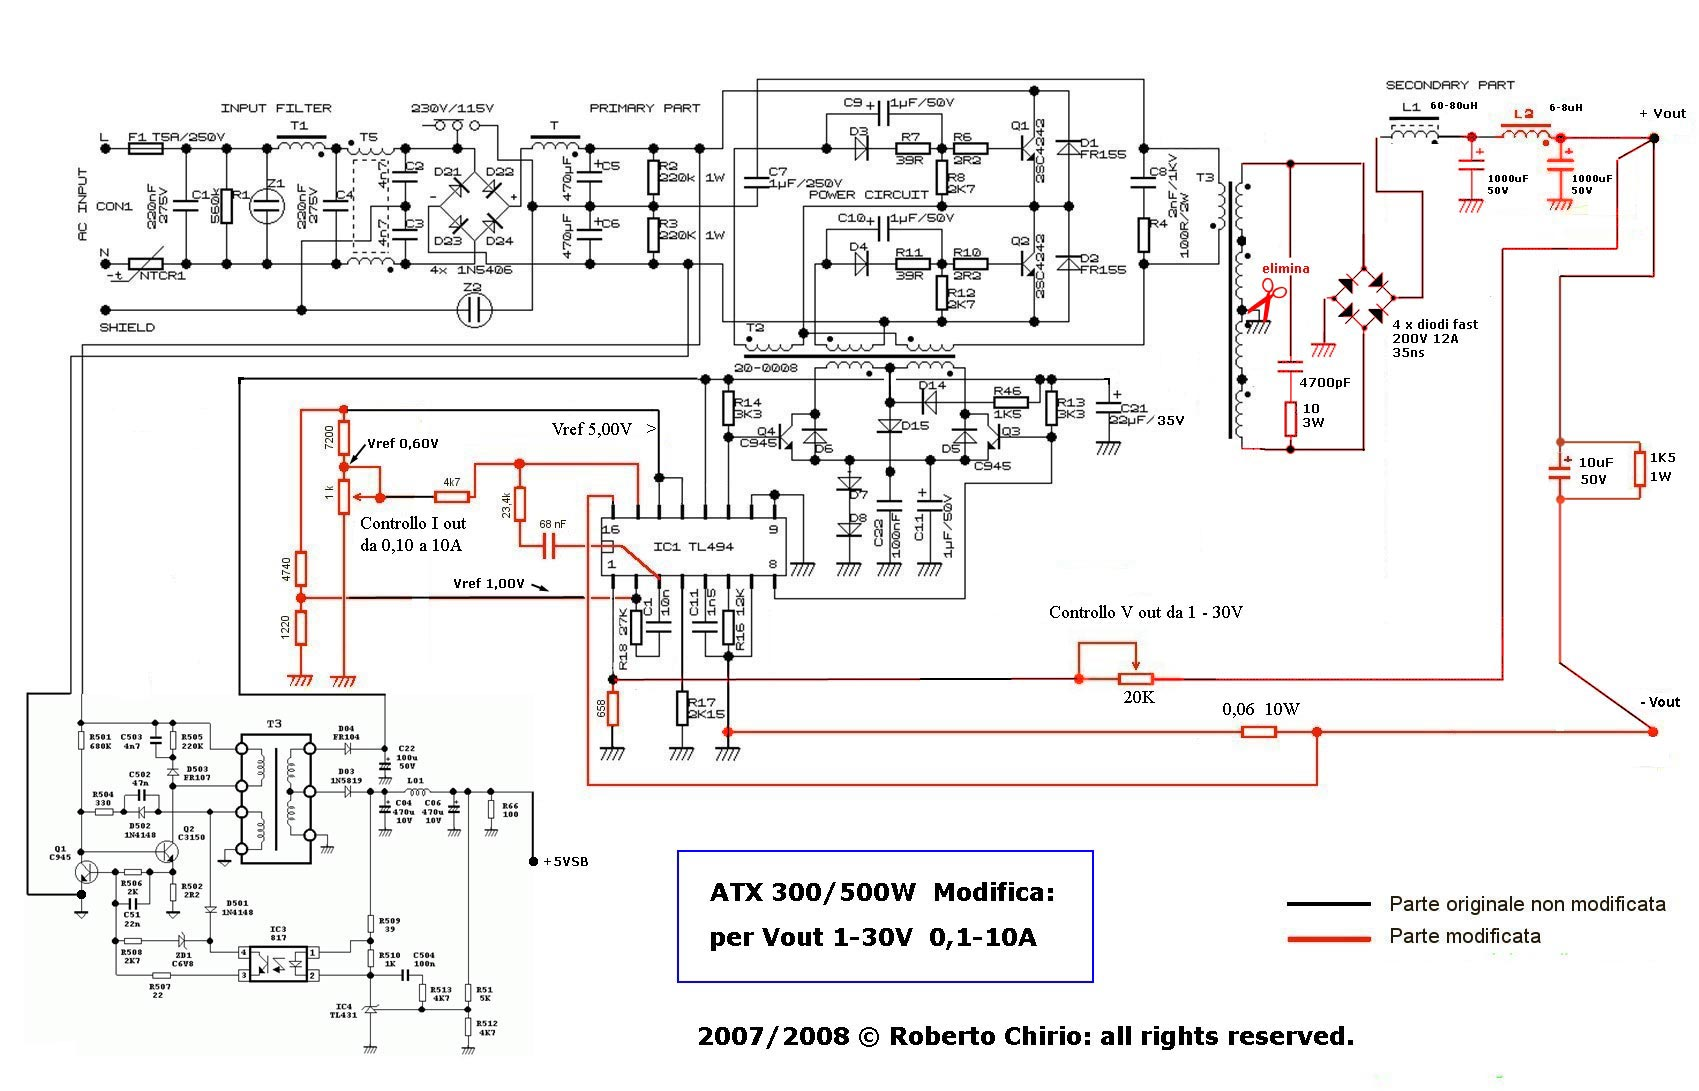 А вообще отлично работает вот с такой переделкой БП на TL494.  Можно регулировать силу тока и напряжение.